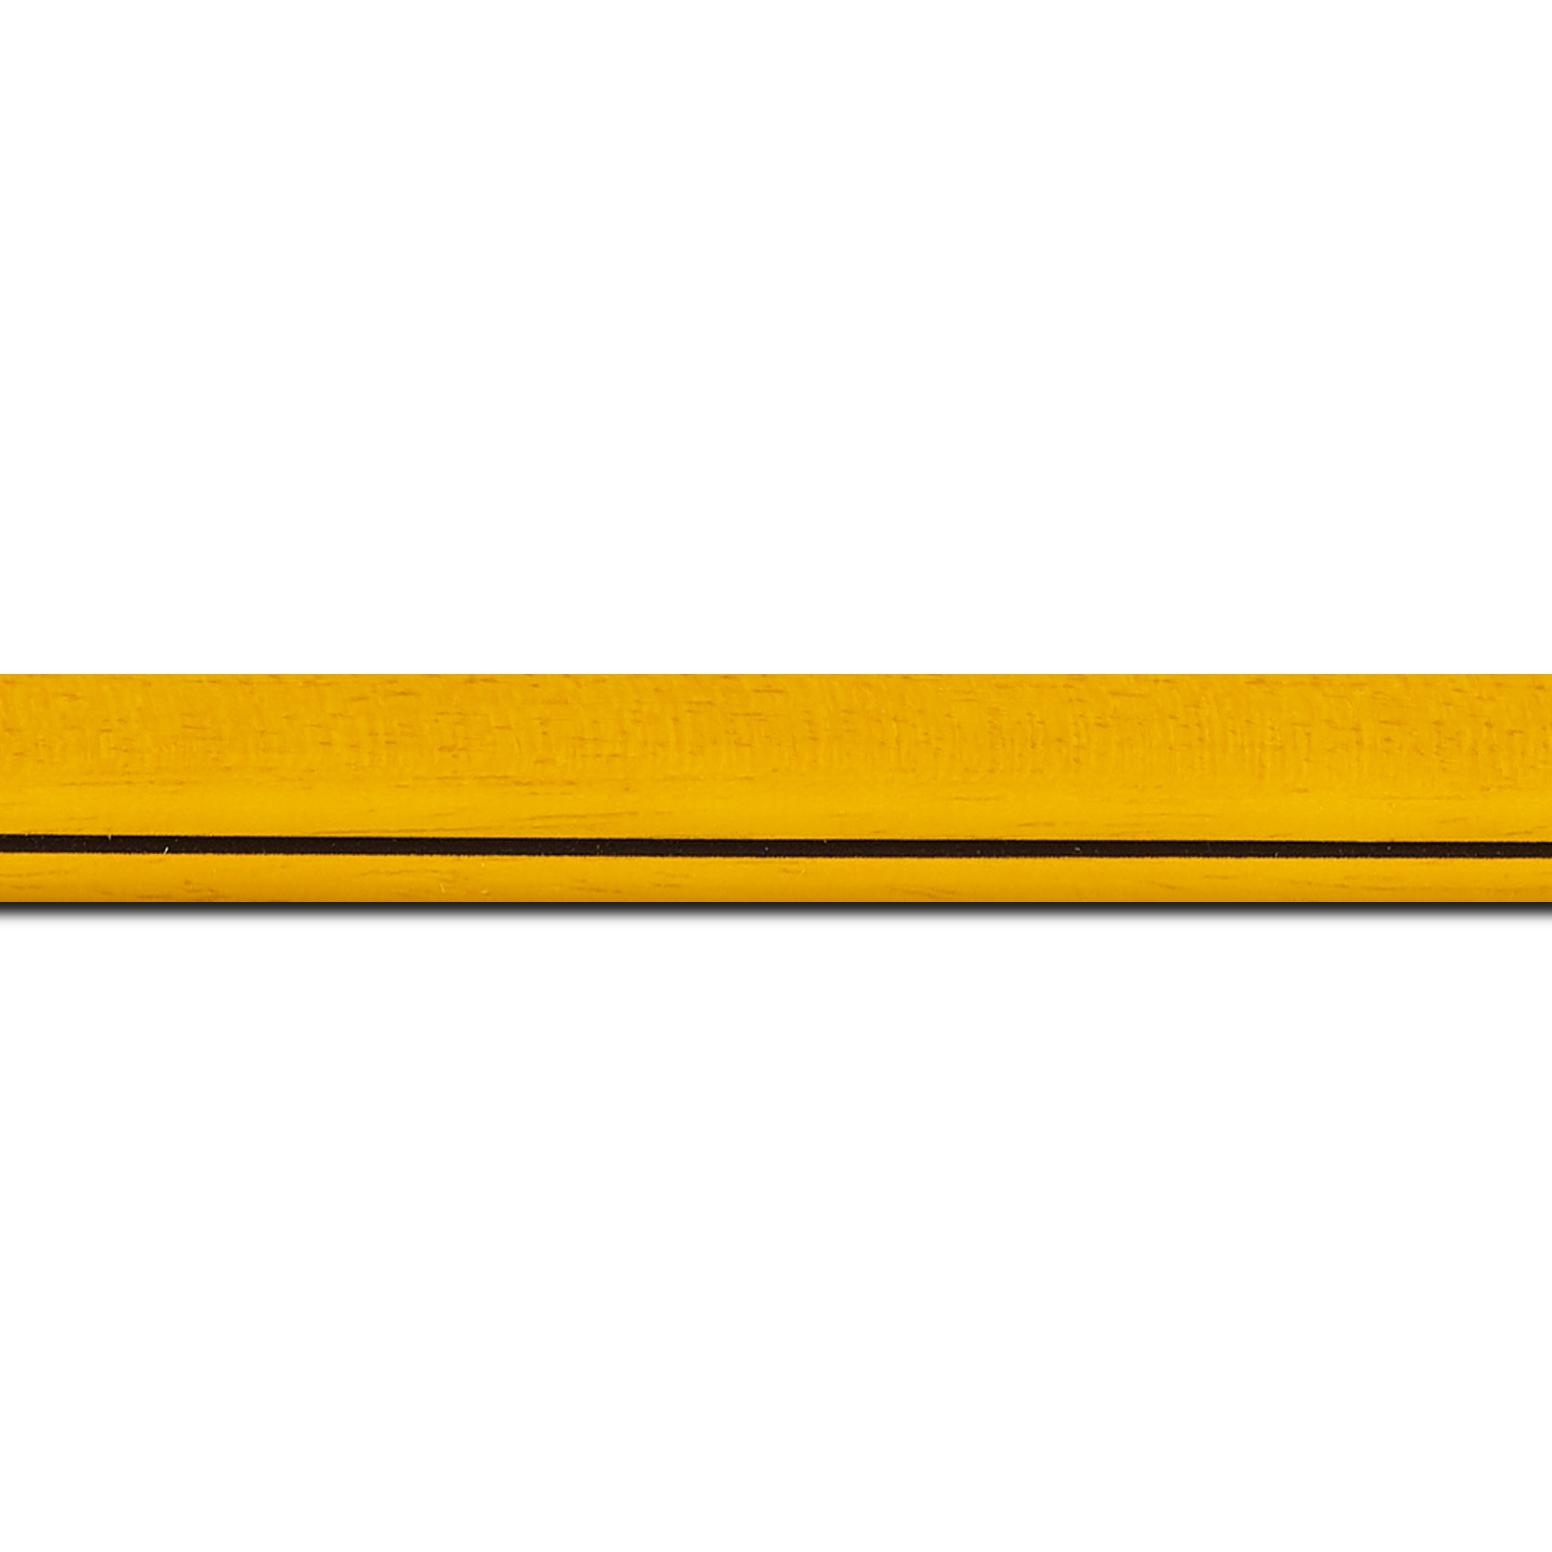 Pack par 12m, bois profil bombé largeur 2.4cm couleur jaune tournesol satiné filet noir(longueur baguette pouvant varier entre 2.40m et 3m selon arrivage des bois)